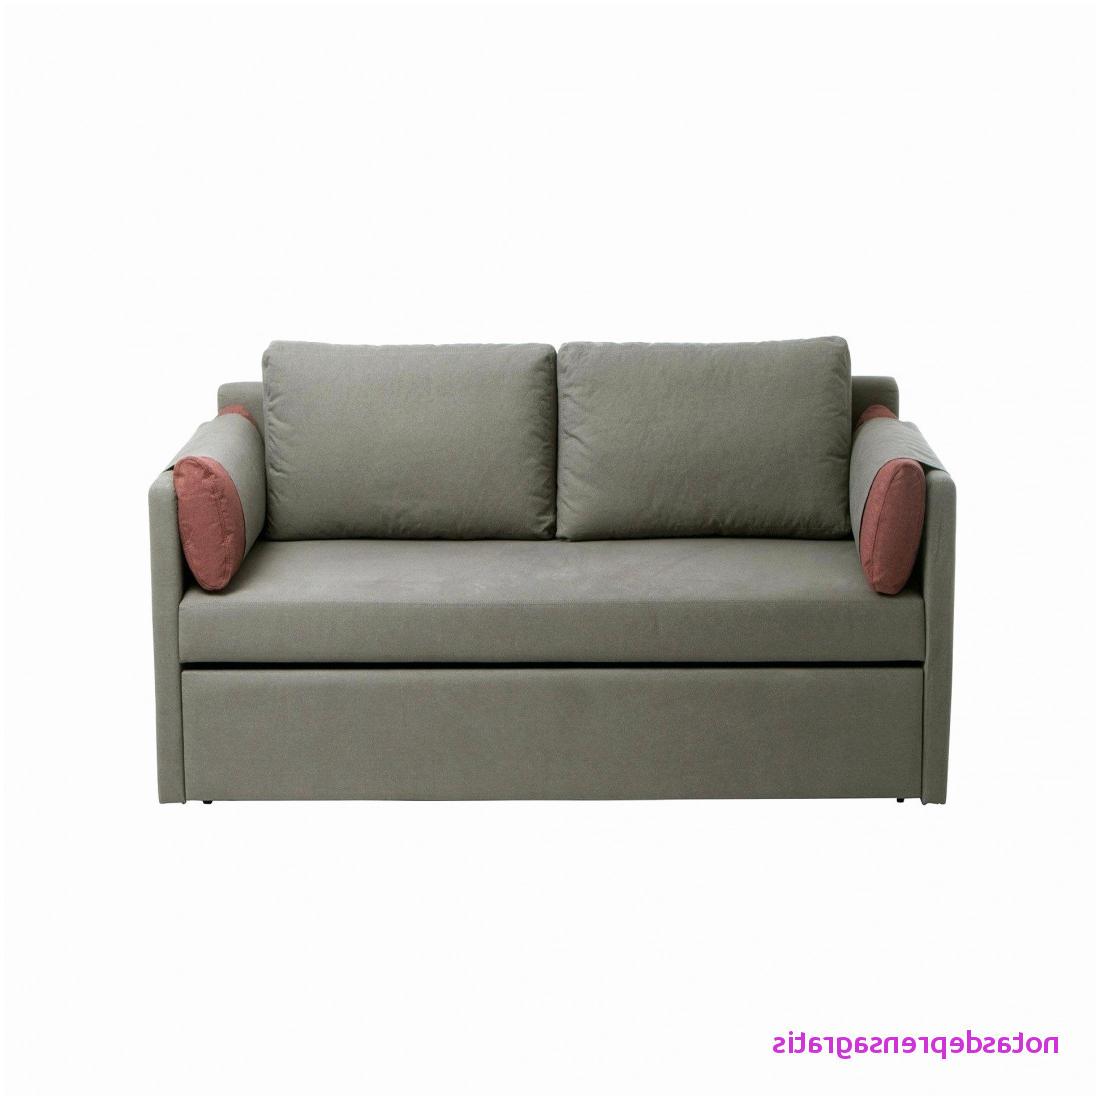 Fundas sofa Ajustables Carrefour Fmdf Fundas sofa Ajustables Carrefour Funda Chaise Longue Ikea top